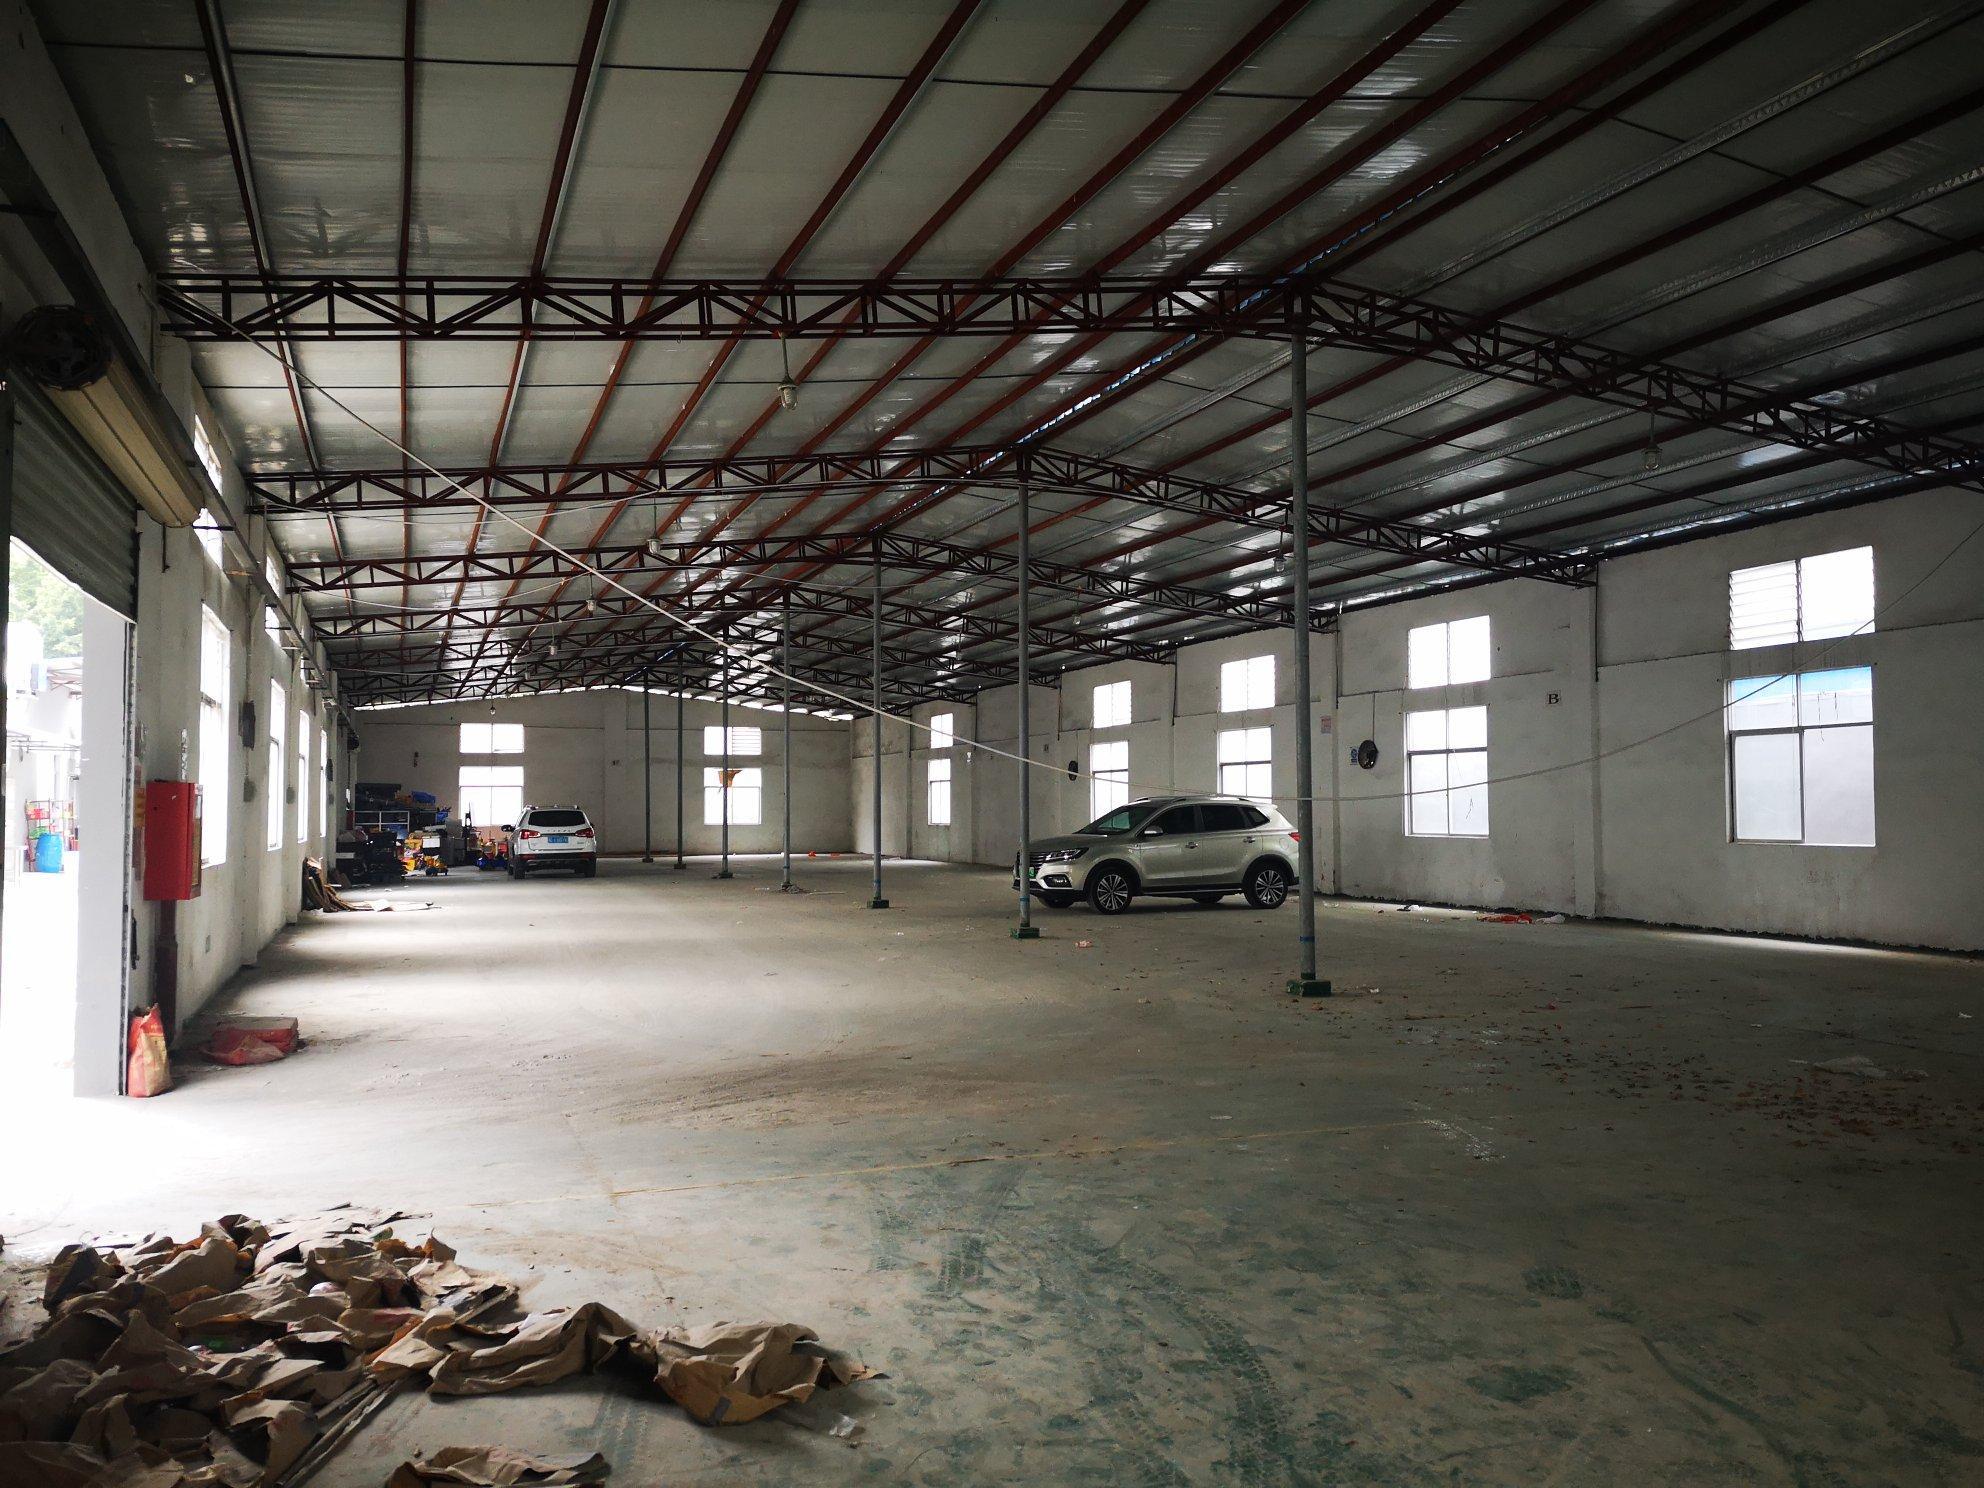 出租龙岗坪地1300平方,原房东厂房实际面积,适合做仓库